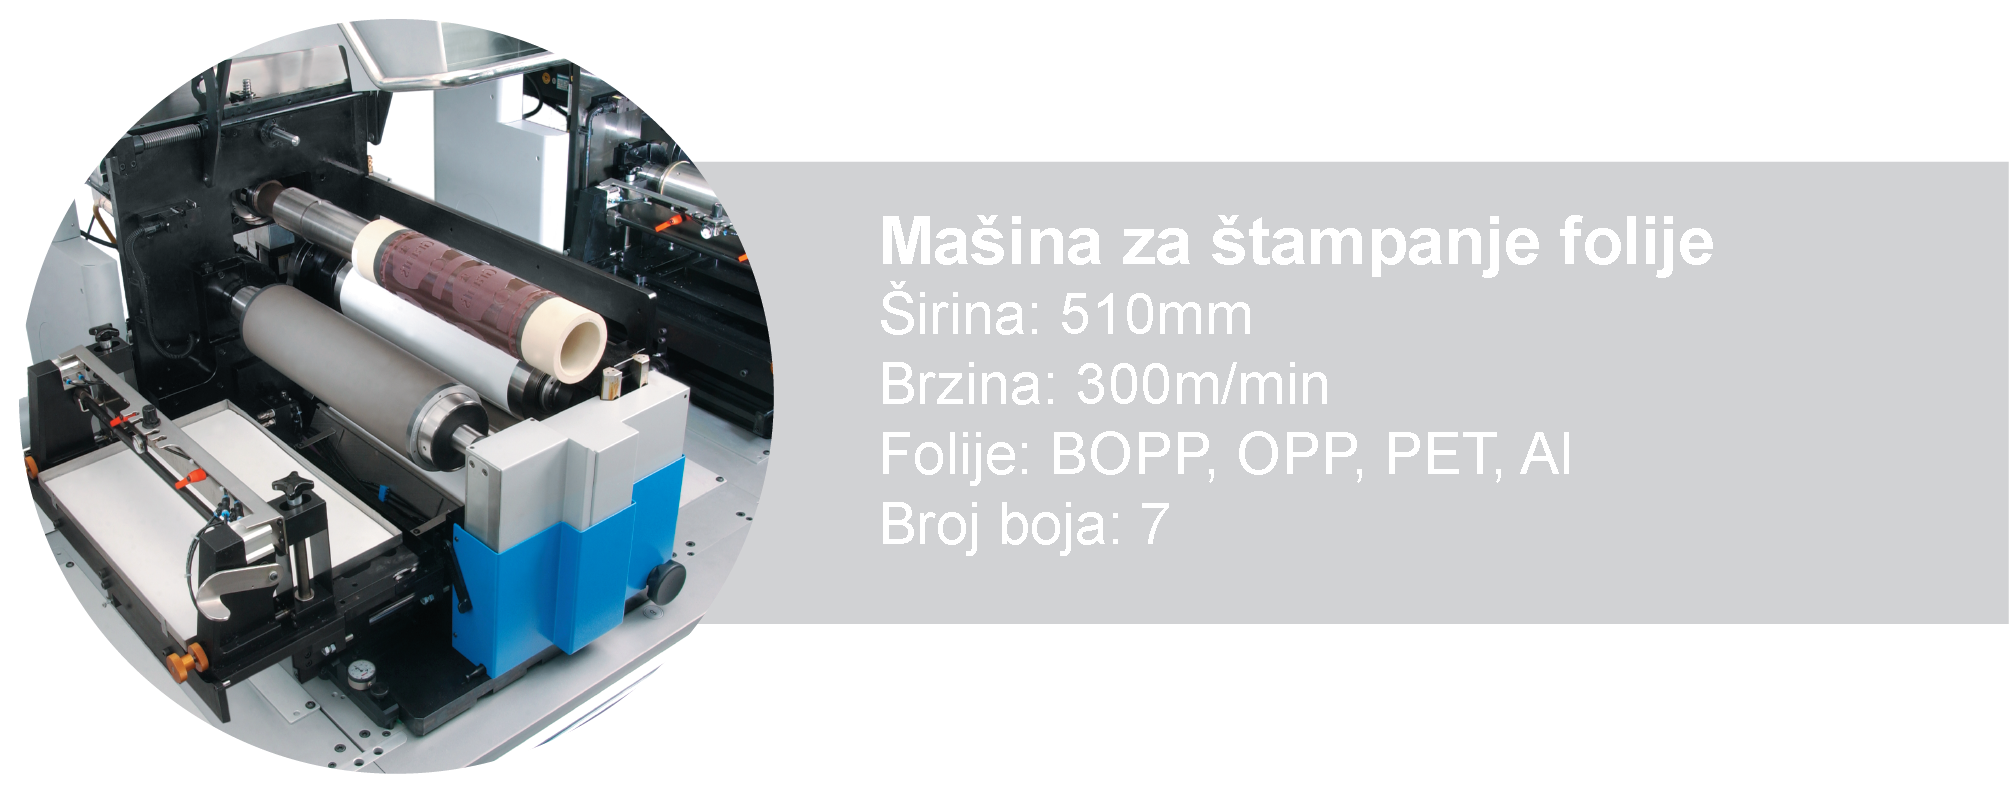 Mašina za štampanje folije